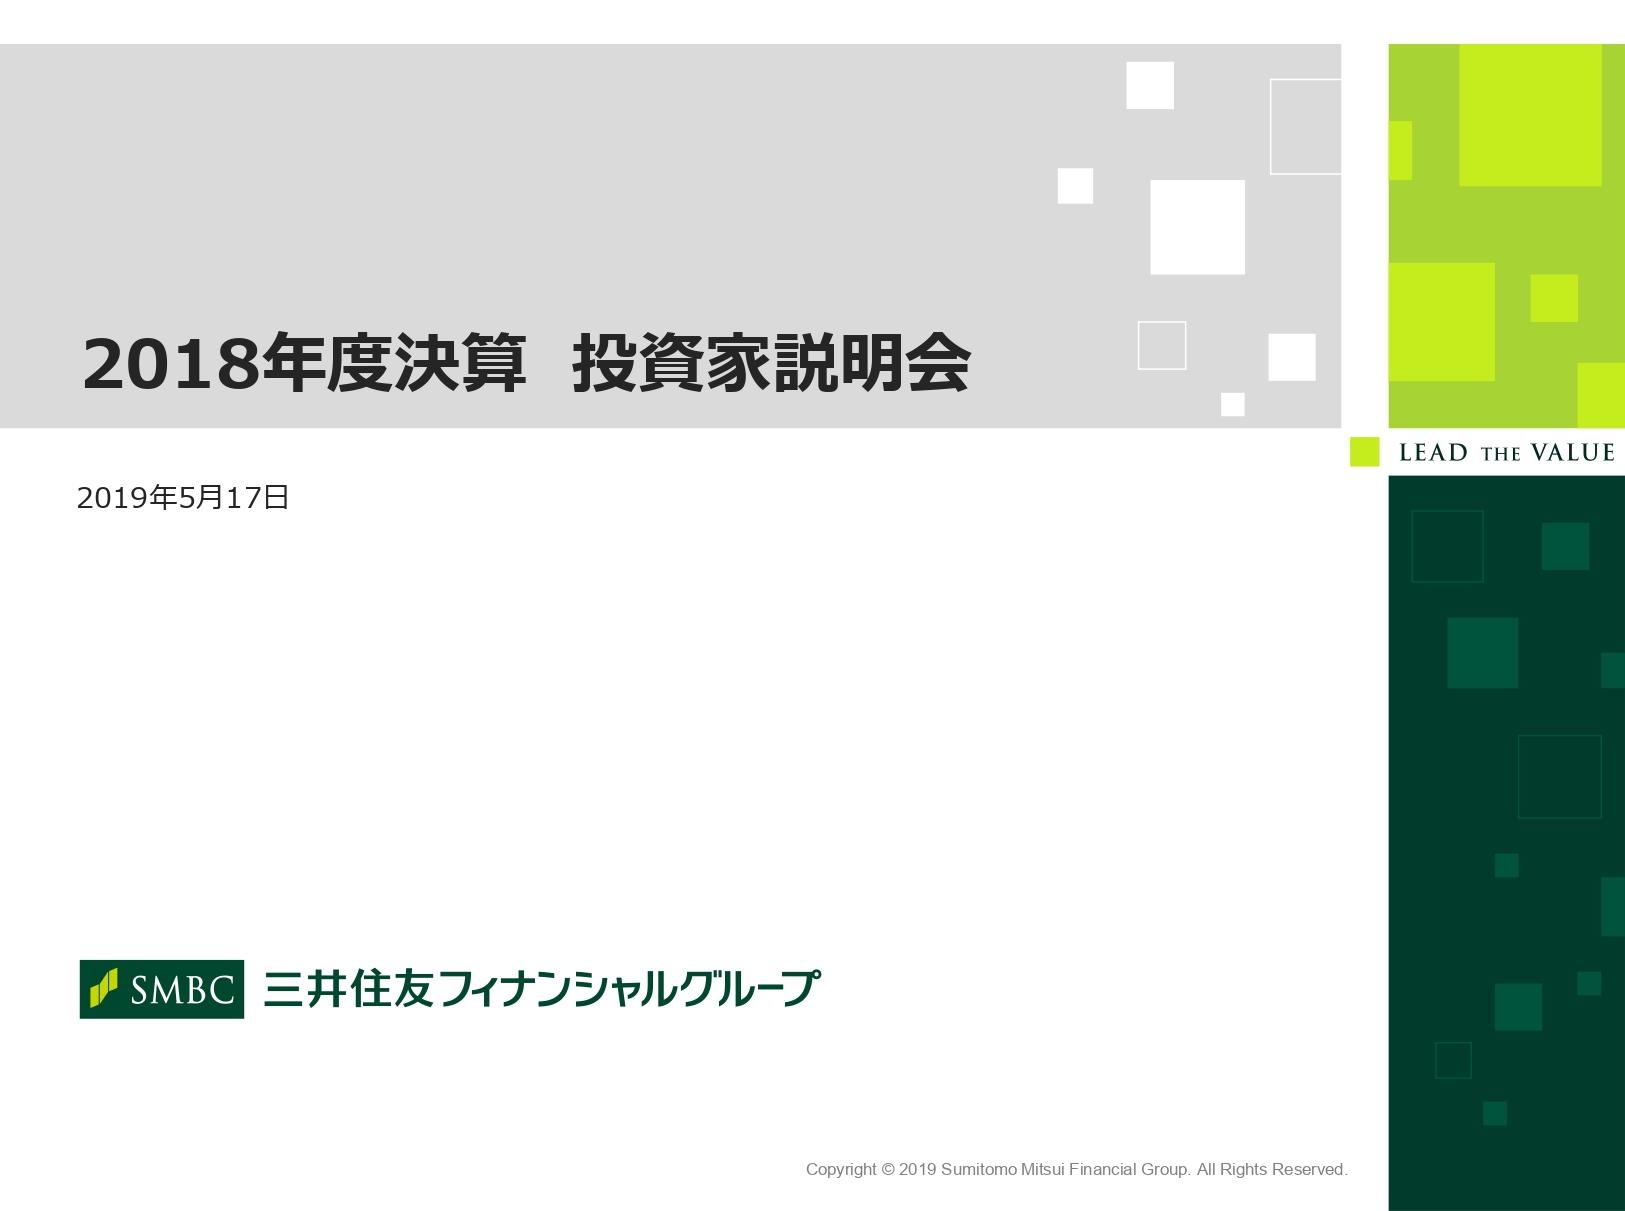 三井住友FG、通期純利益は前期比1.1%减 与信関係費用の増加がマイナス影響も目標比は達成